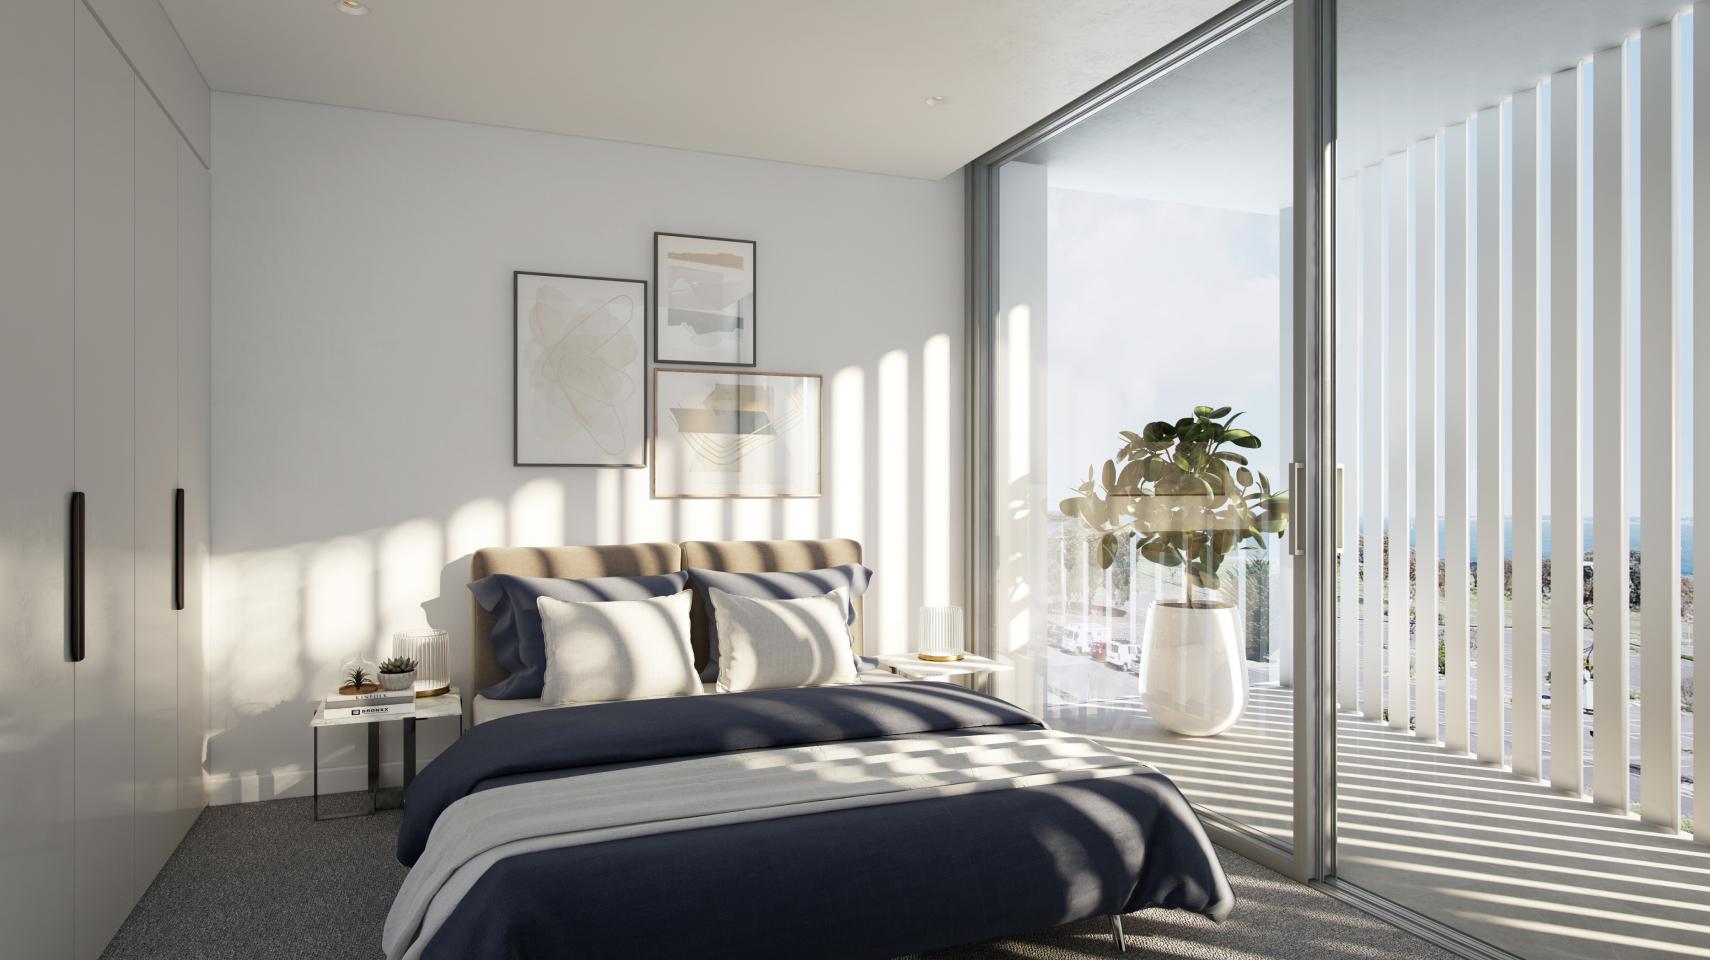 acqua bedroom with ocean-views